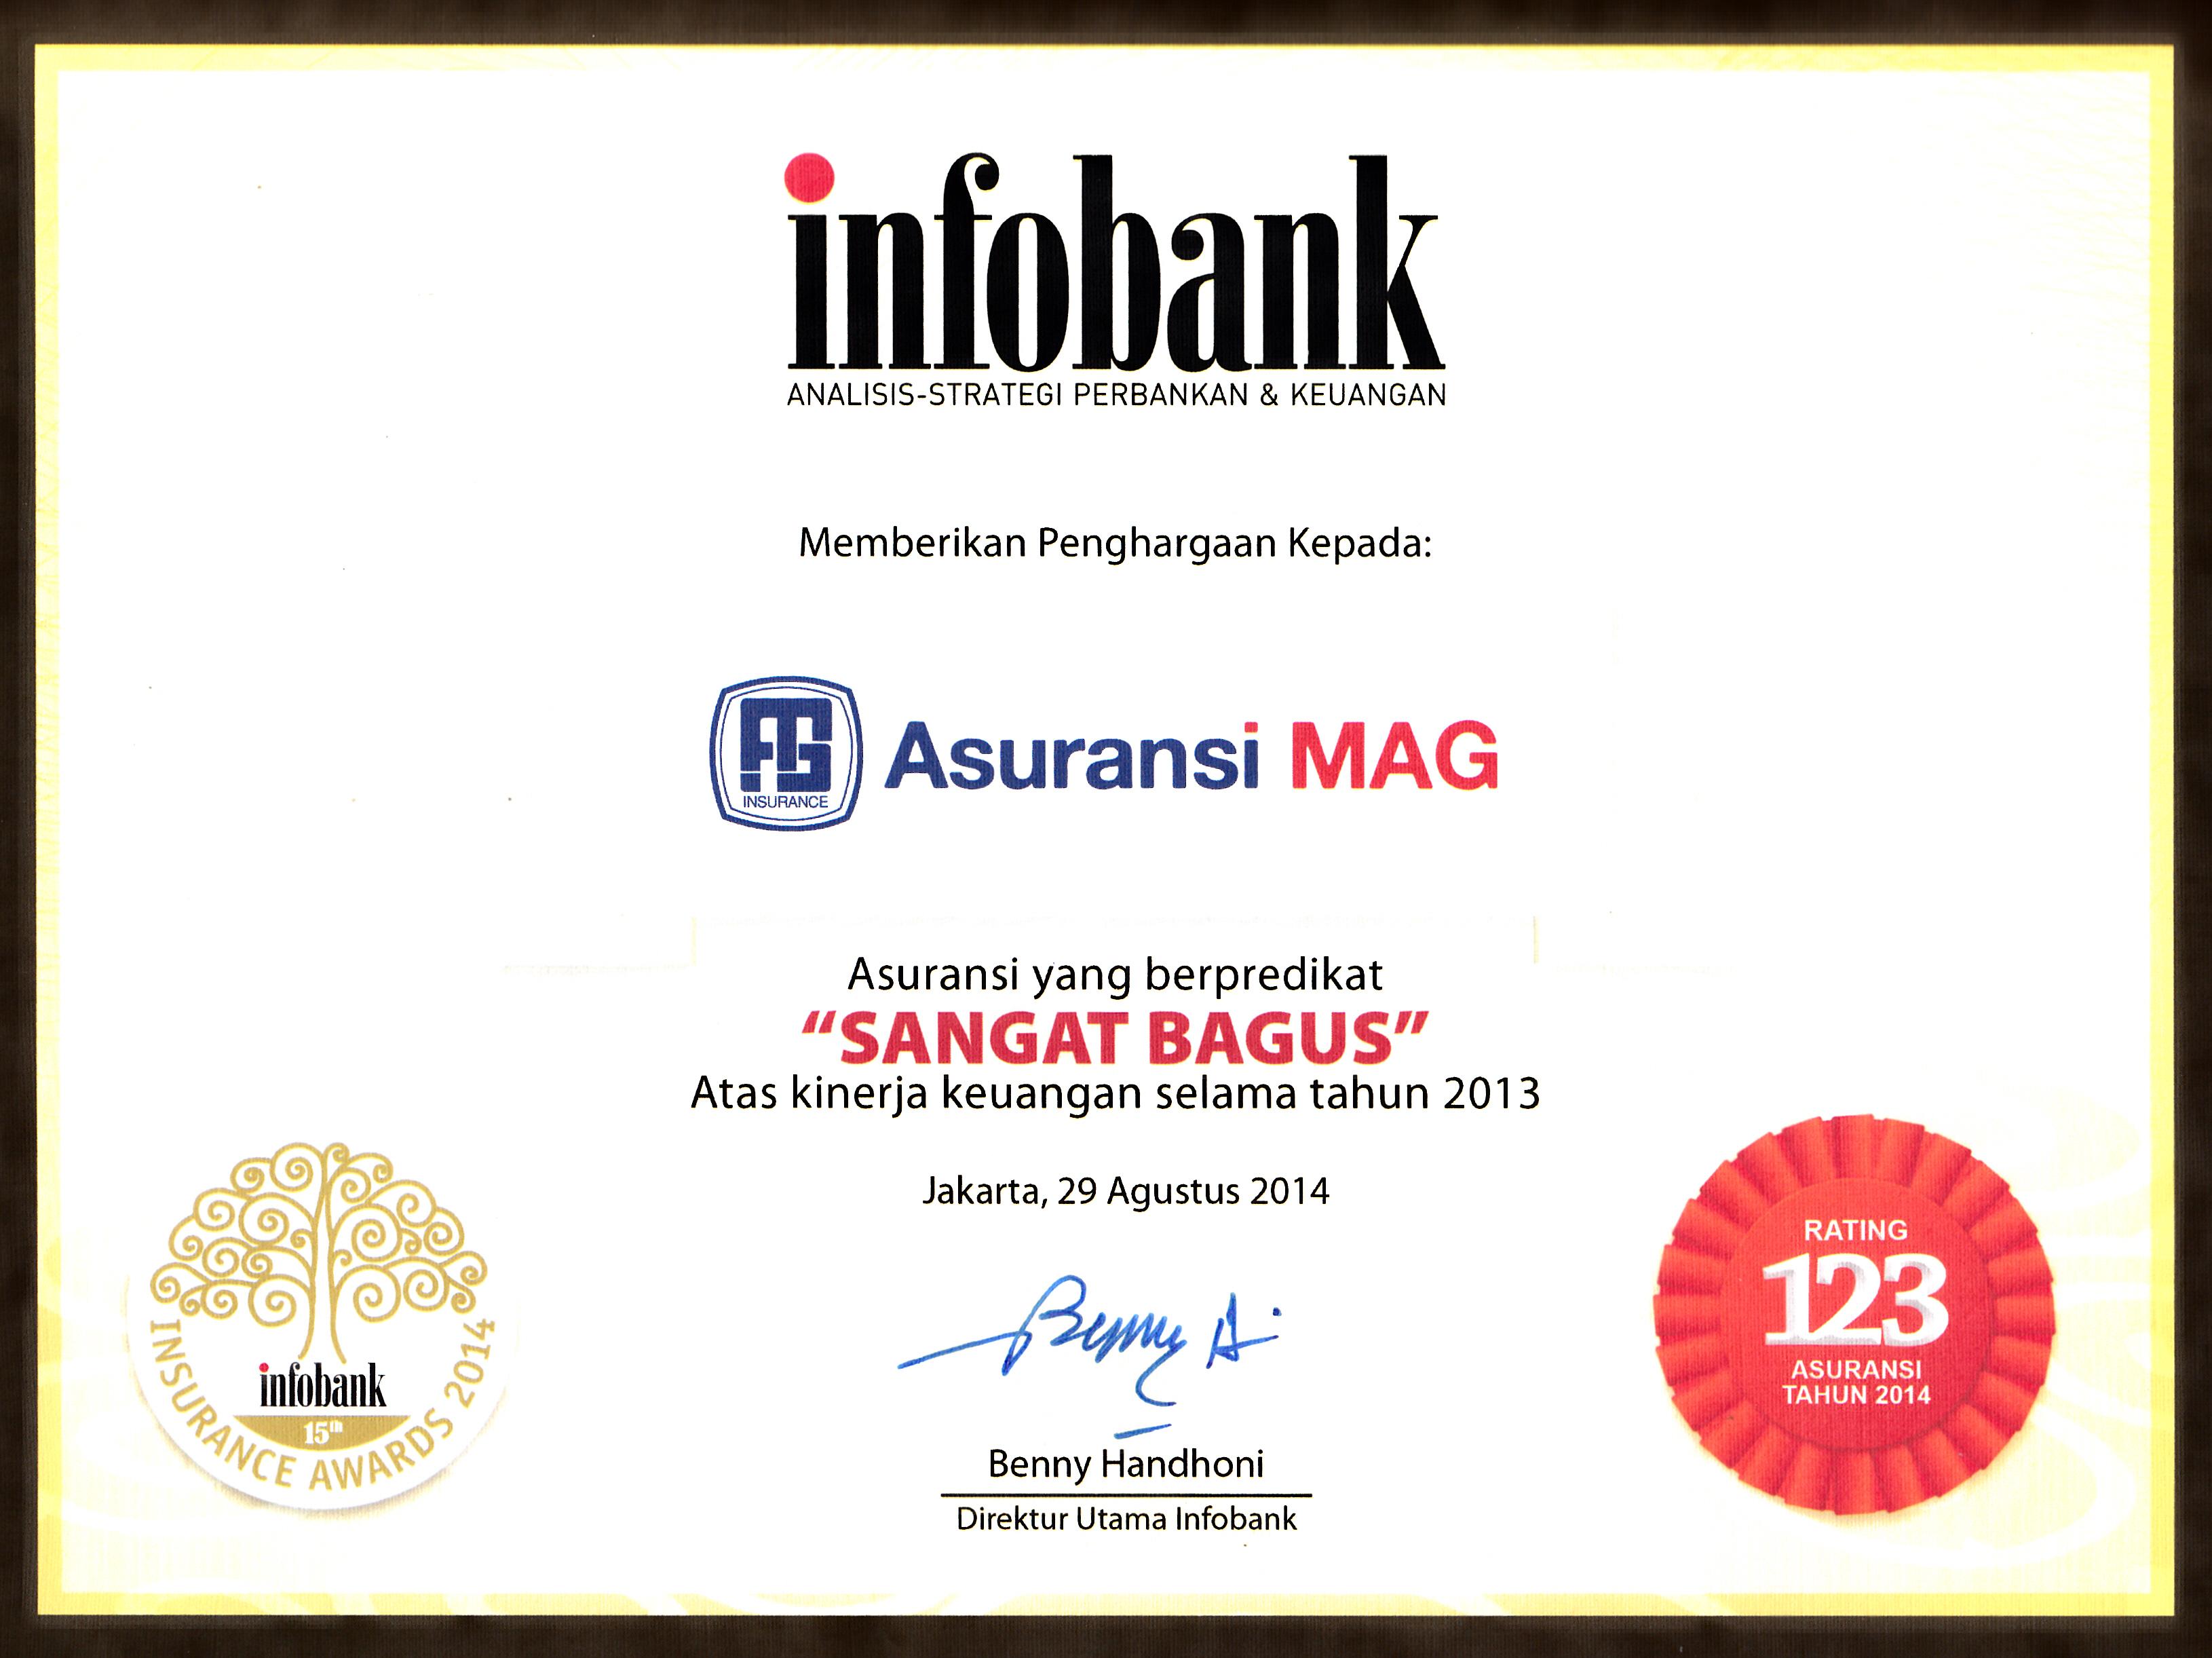 """Di pertengahan tahun 2014, mendapat penghargaan dari Majalah Infobank  yakni predikat """"Sangat Bagus"""" dalam Pengelolaan Keuangan Perusahaan secara keseluruhan."""